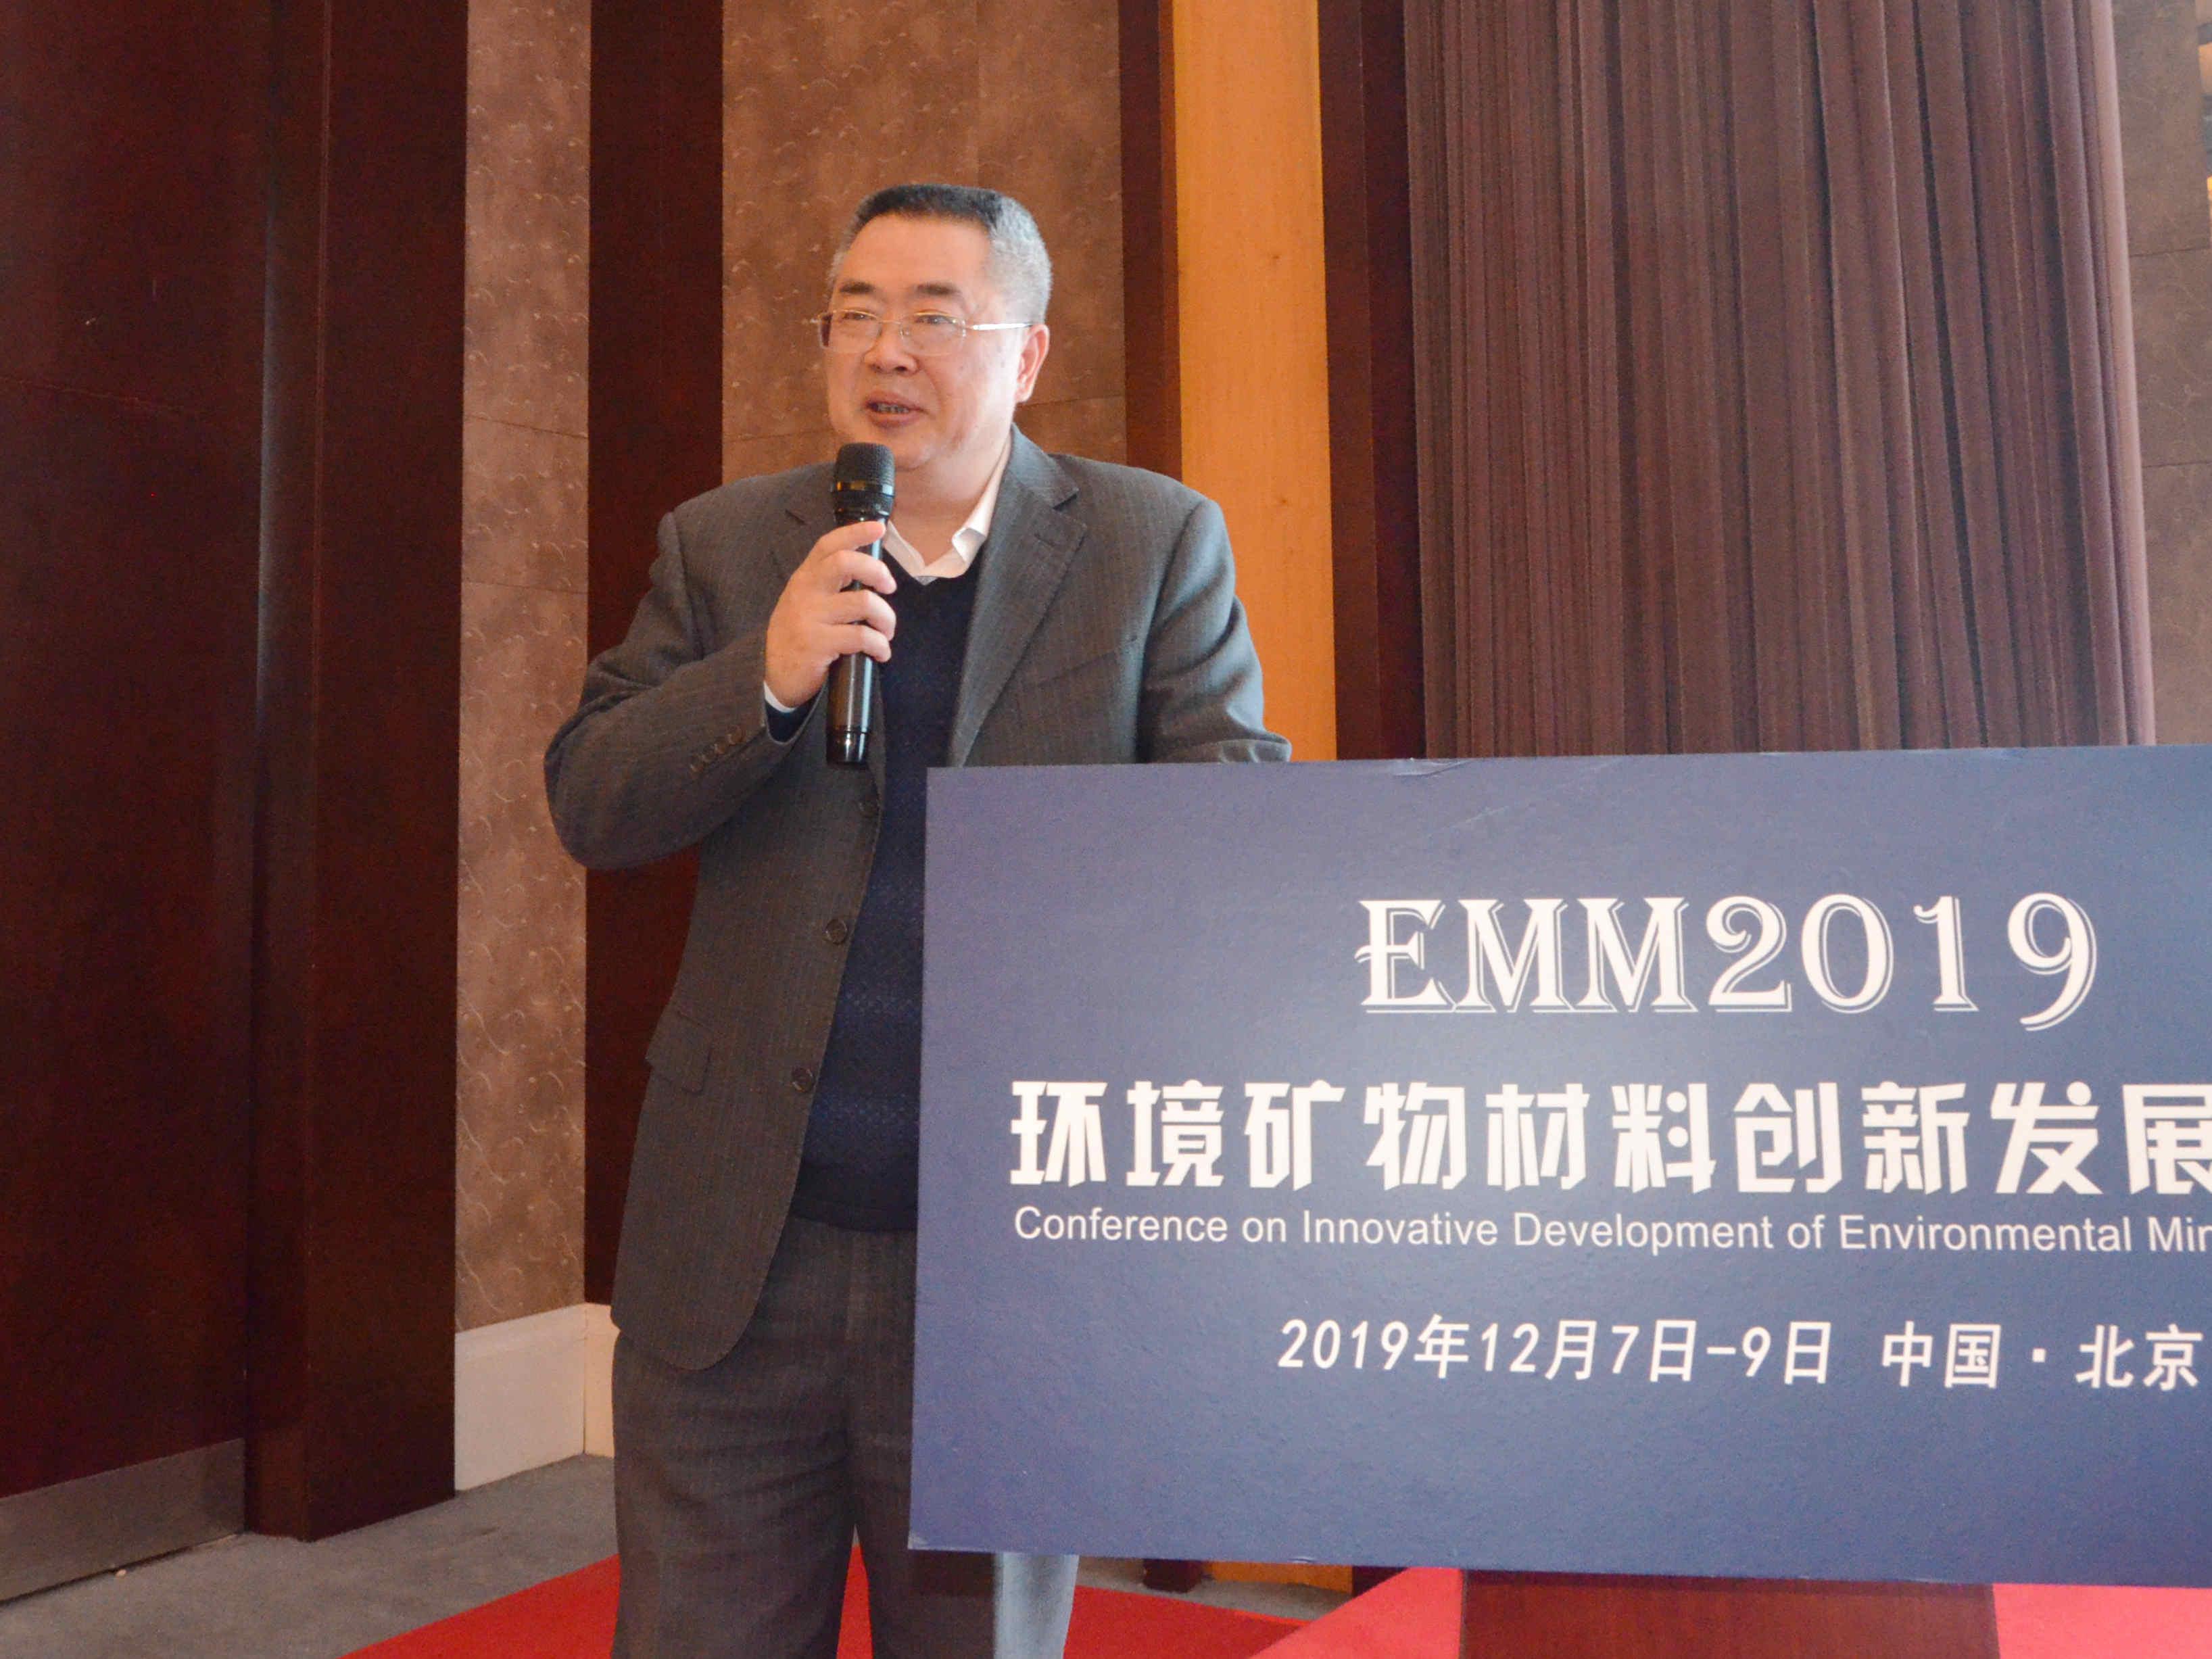 中国矿业大学(北京)教授何绪文作《矿井水利用理念、模式与技术创新》专题报告